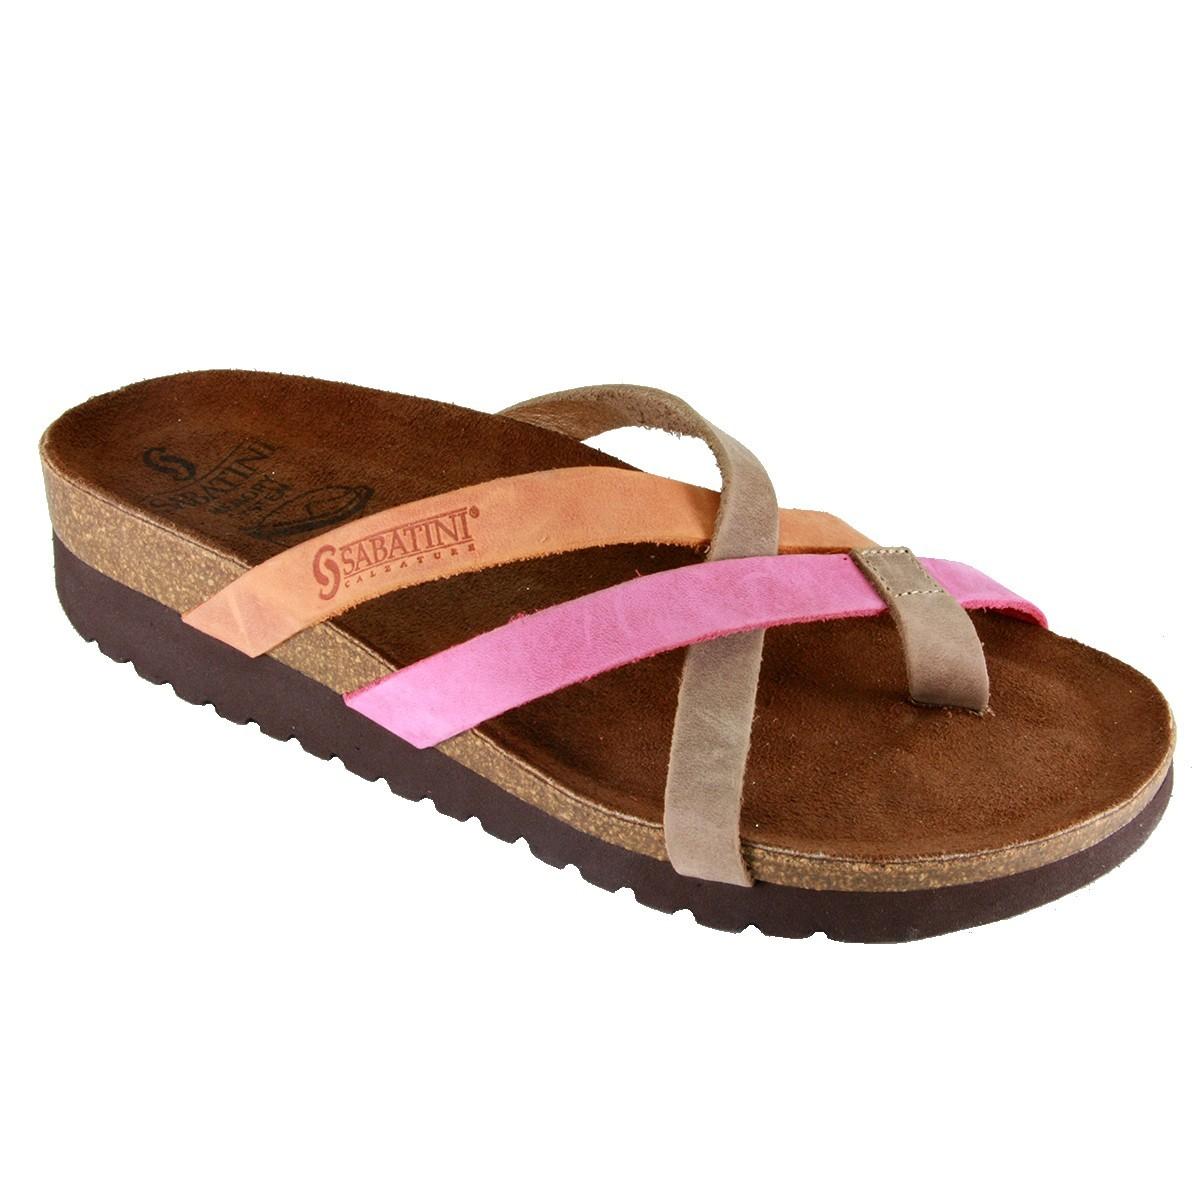 Sabatini 4101 Multicolor - Calzatura comoda e pratica - Vera pelle